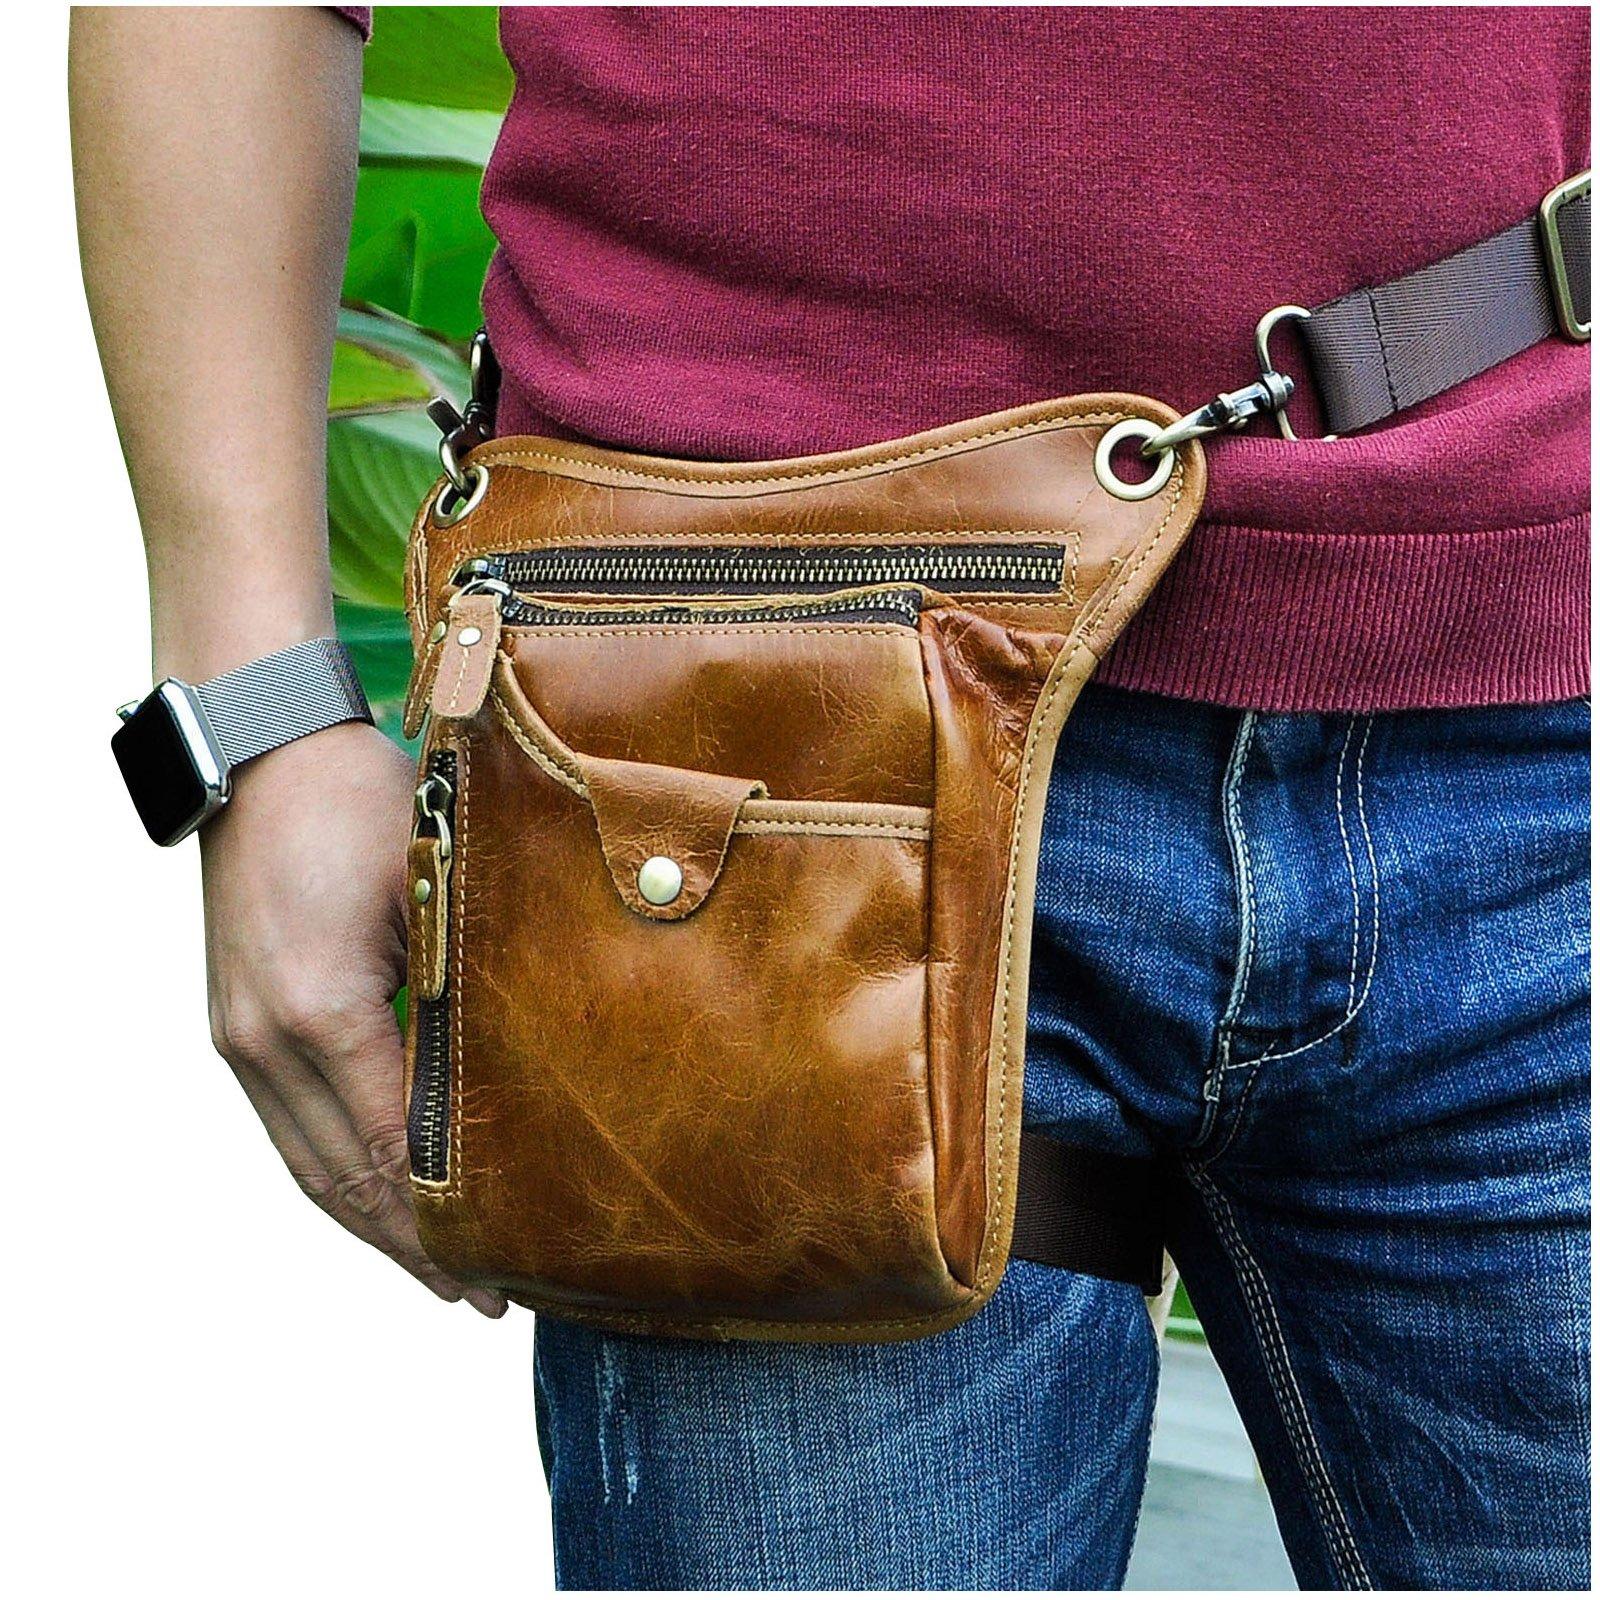 Le'aokuu Mens Genuine Leather Motorcycle Waist Pack Messenger Shoulder Drop Leg Bag (211-5 Light Brown 3)